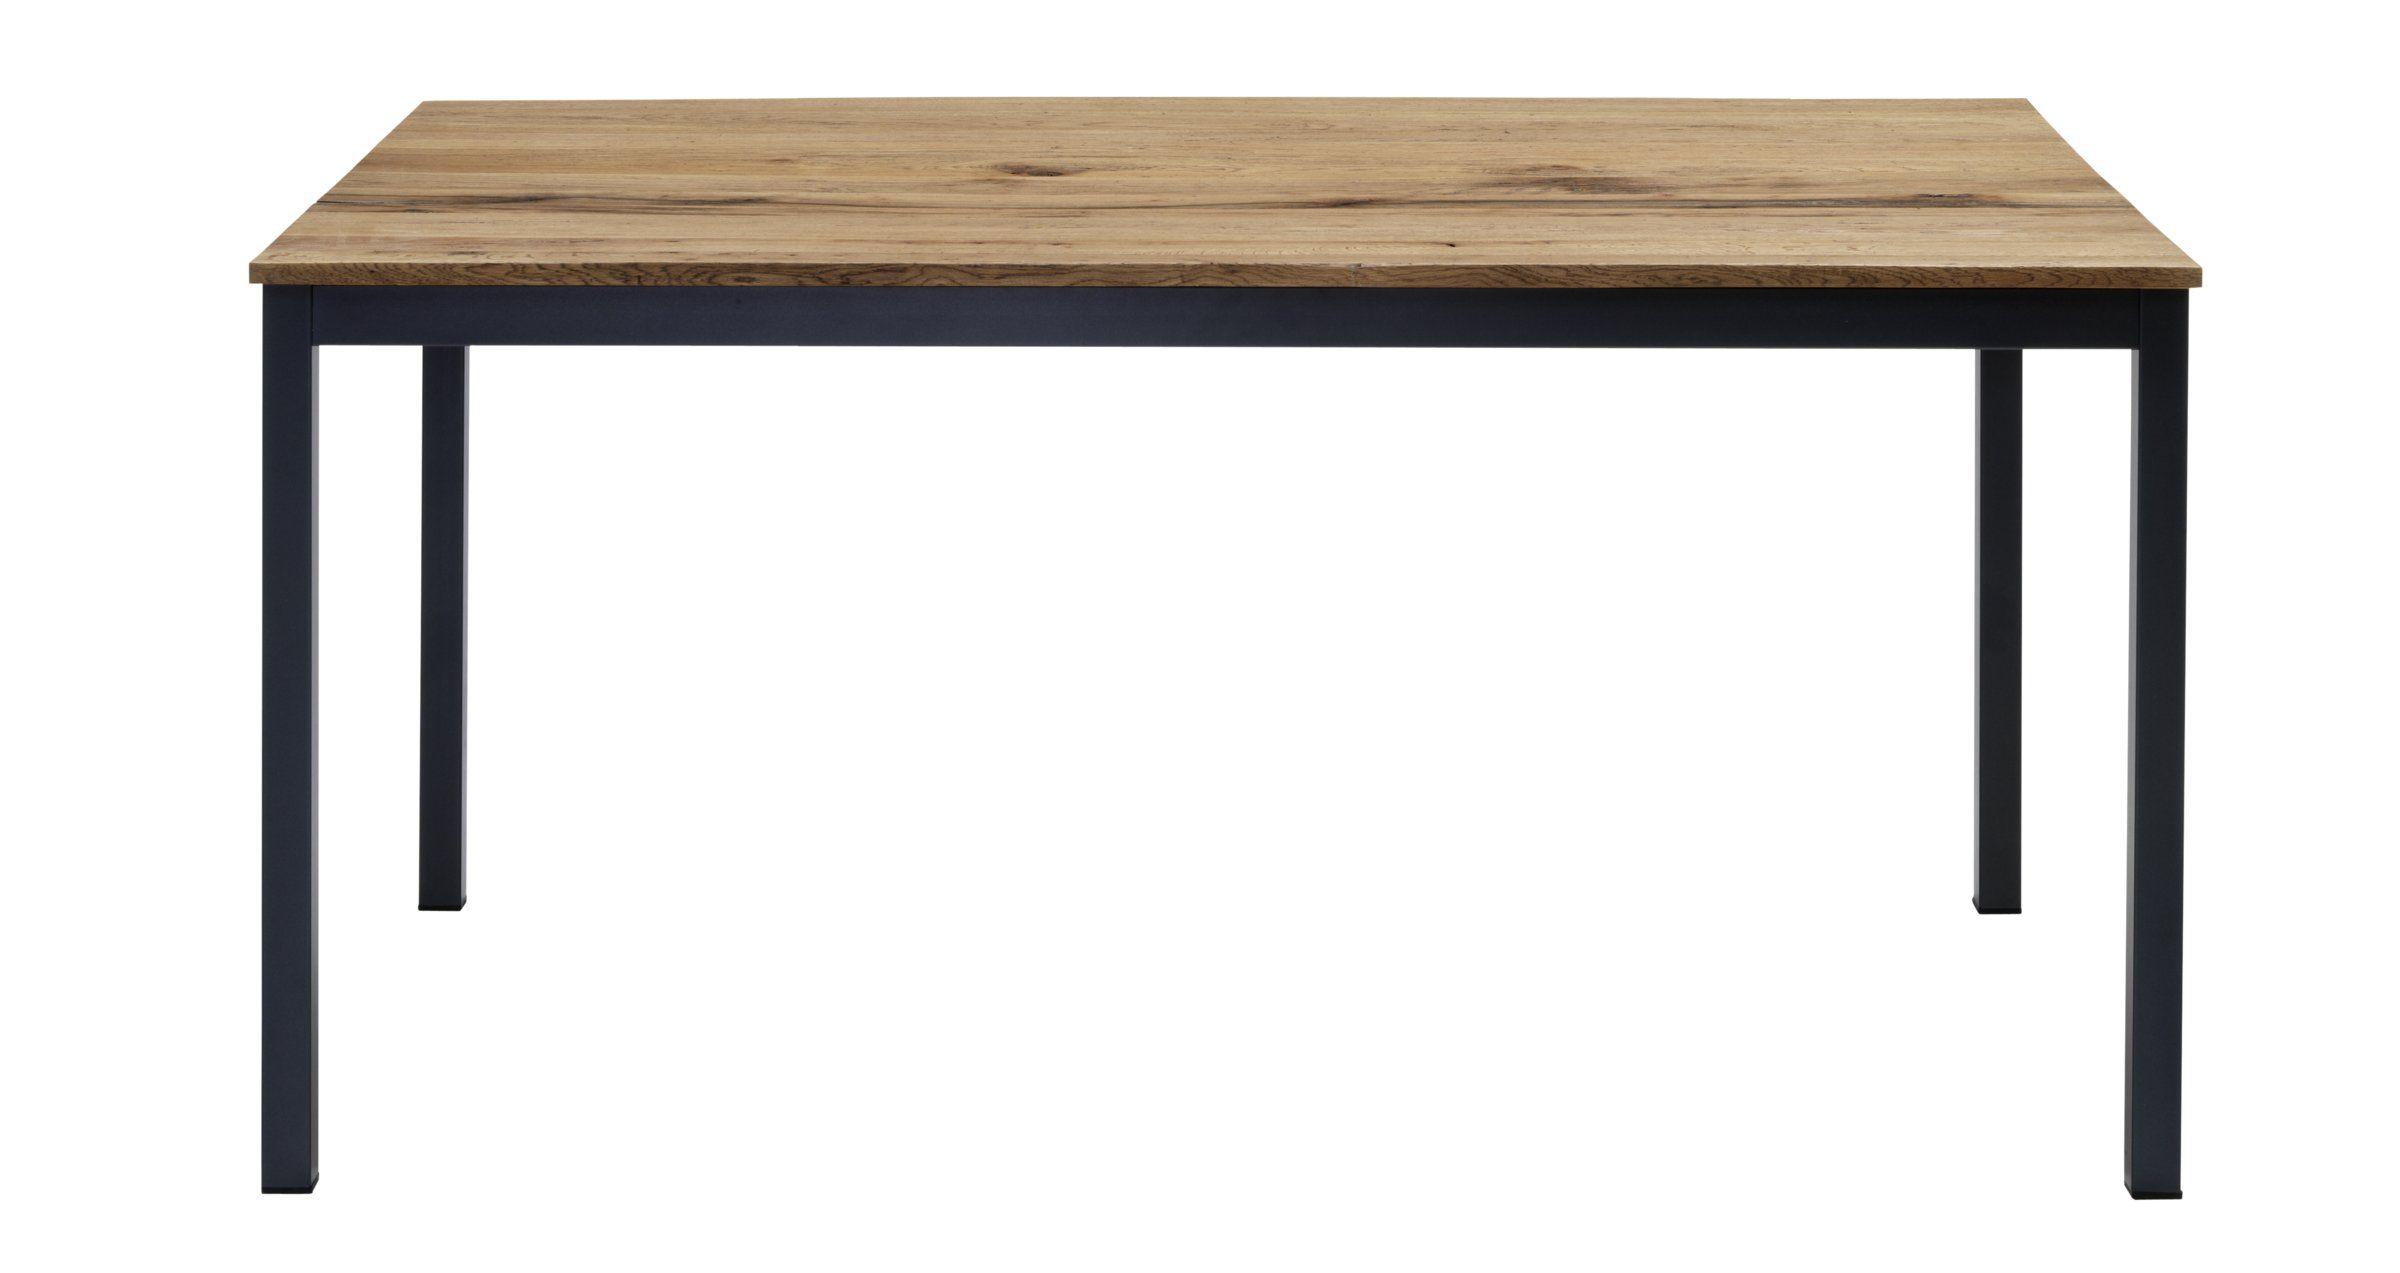 Esstisch ALEXIS Tischplatte Sumpfeiche lackiert Antik Look Gestell Metall lackiert anthrazit